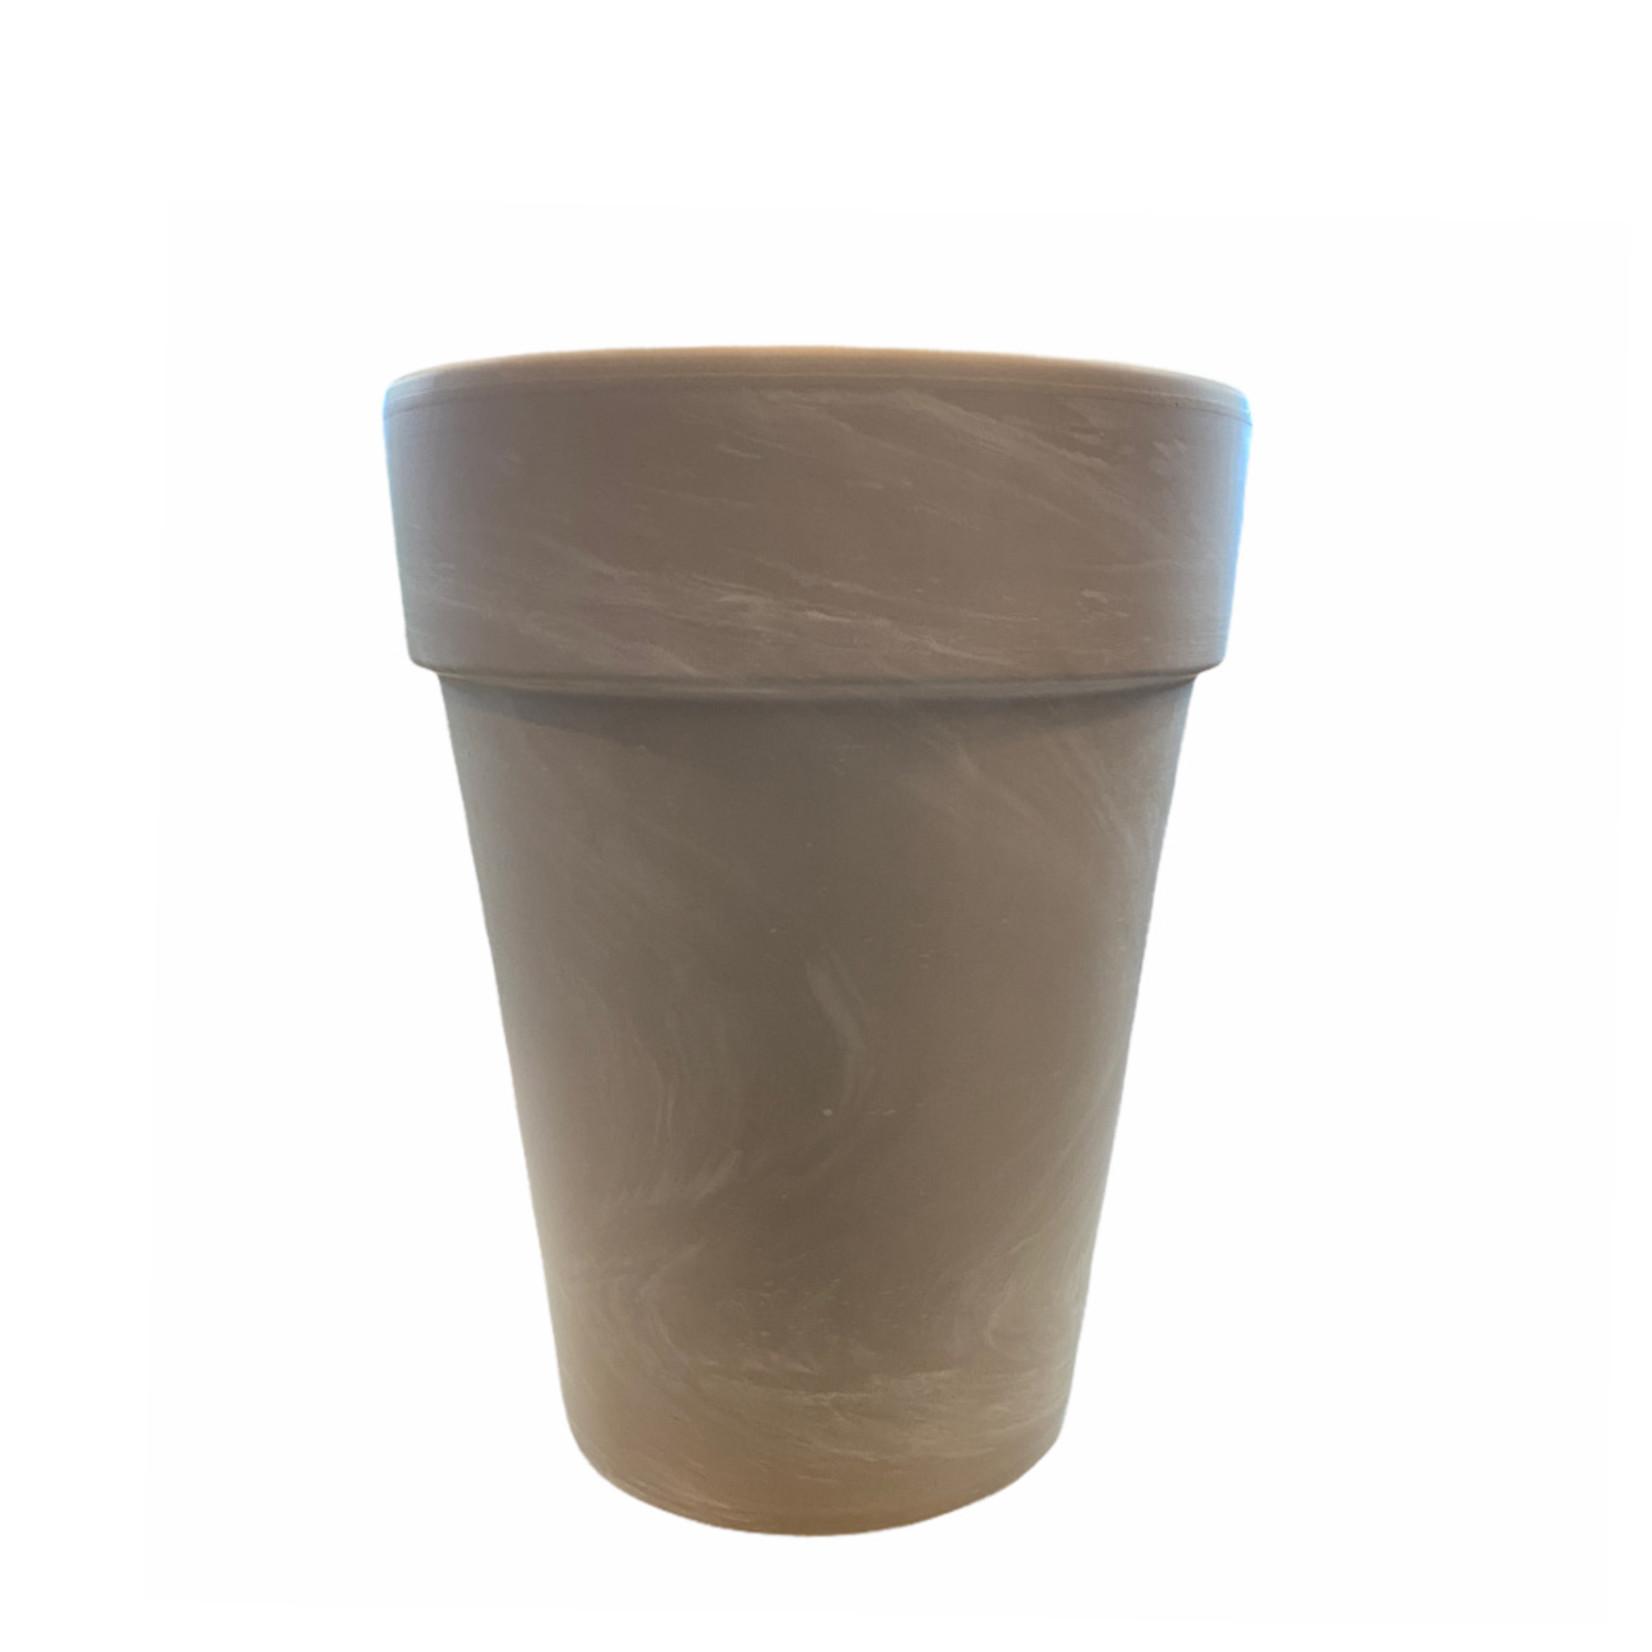 Spang Allemagne Granit Flower Pot XI 21cm